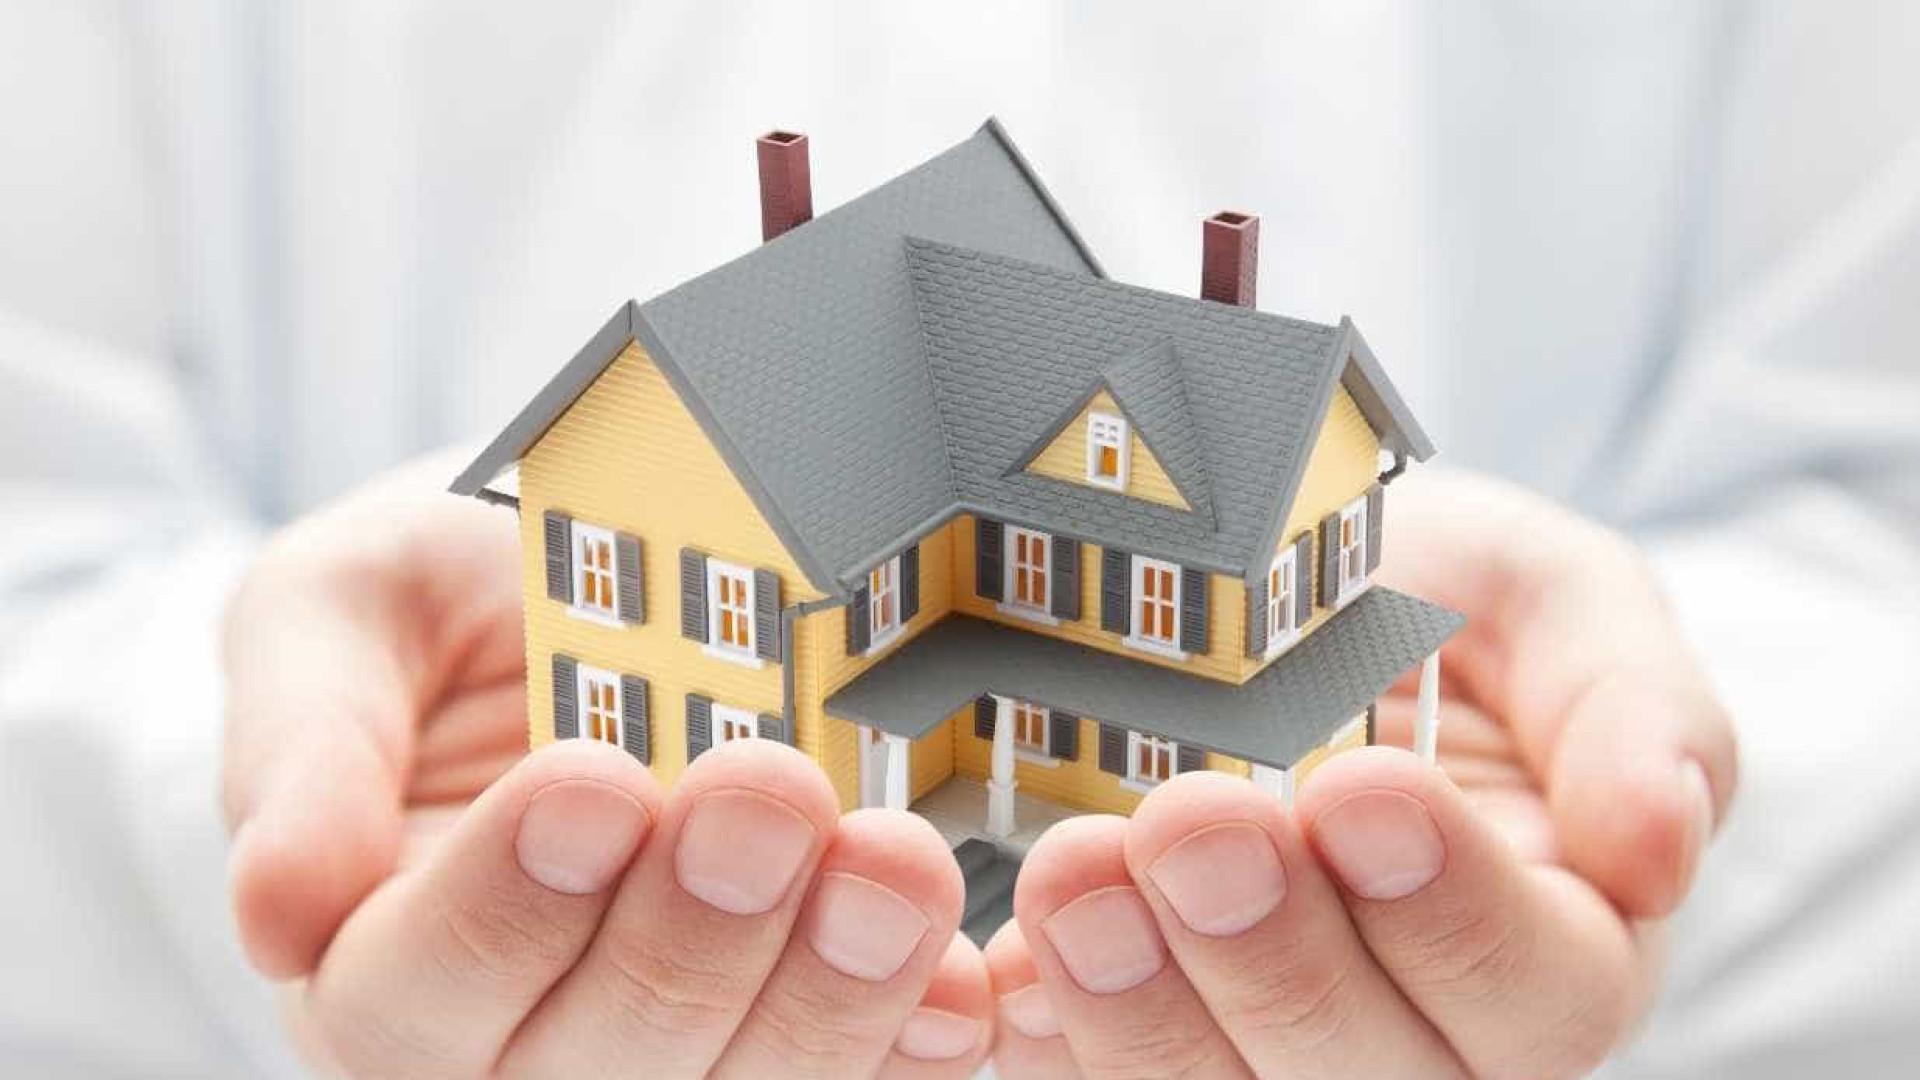 Famílias aproveitam queda nos juros para comprar casa própria